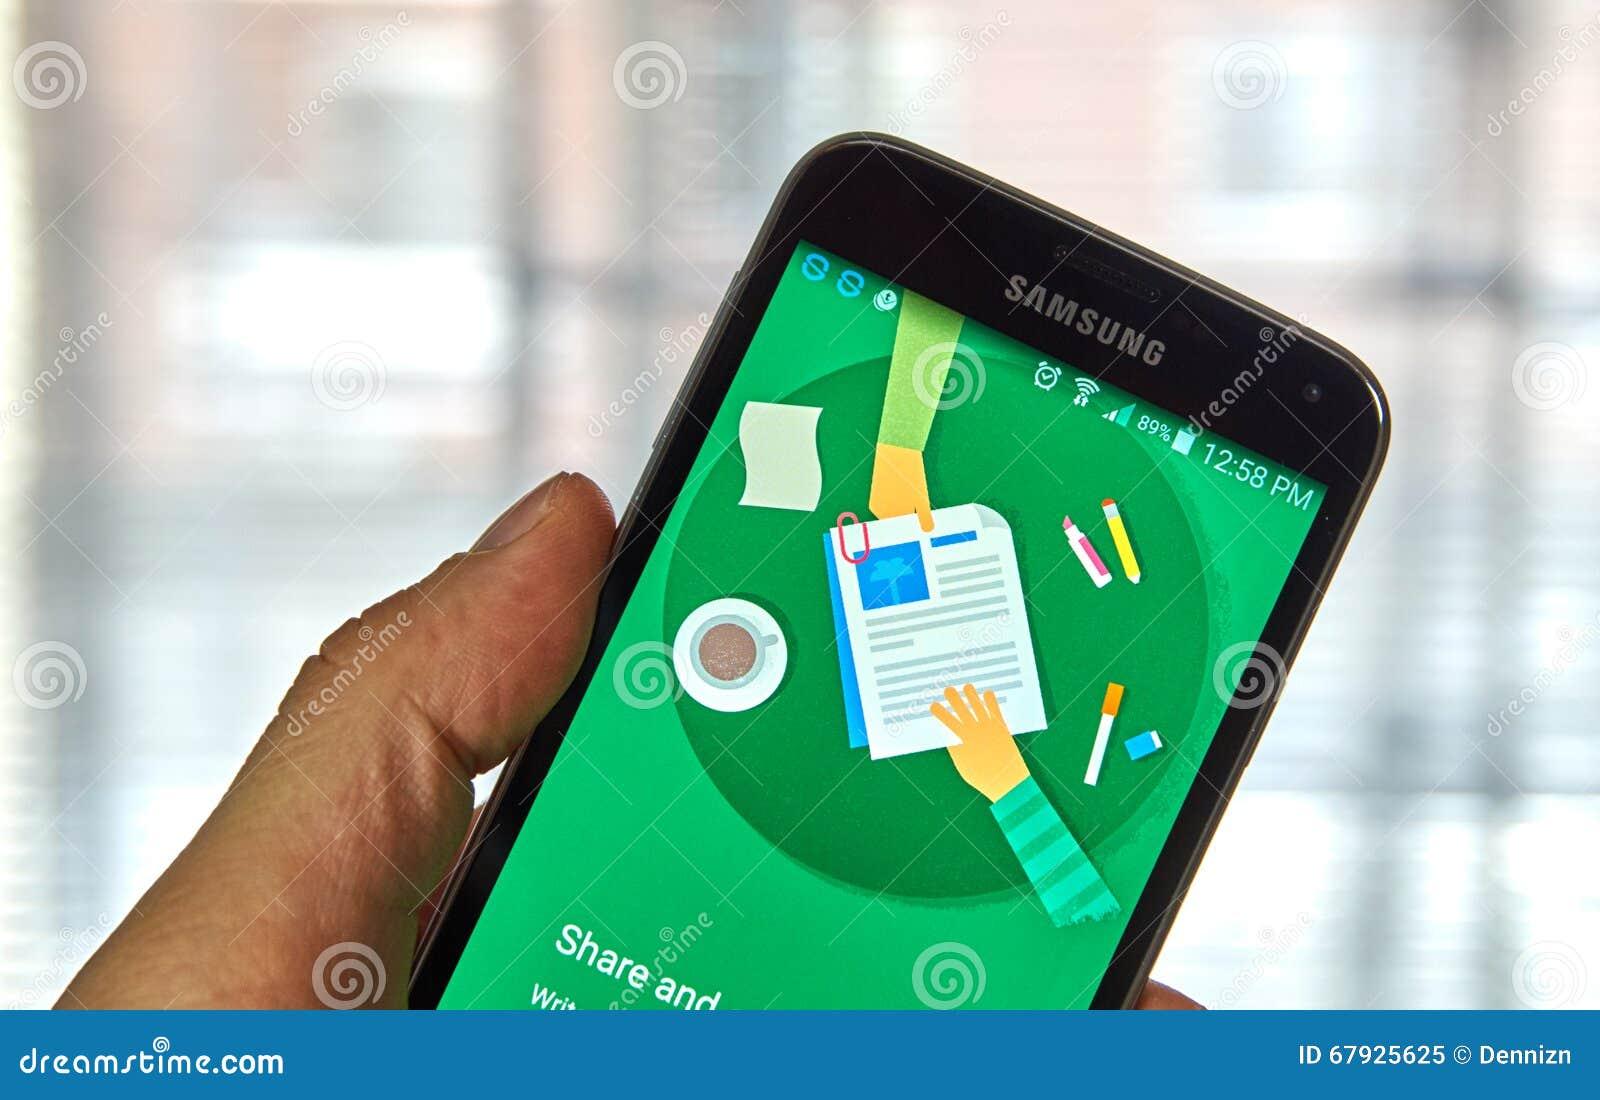 Doc.s APP mobile de Google